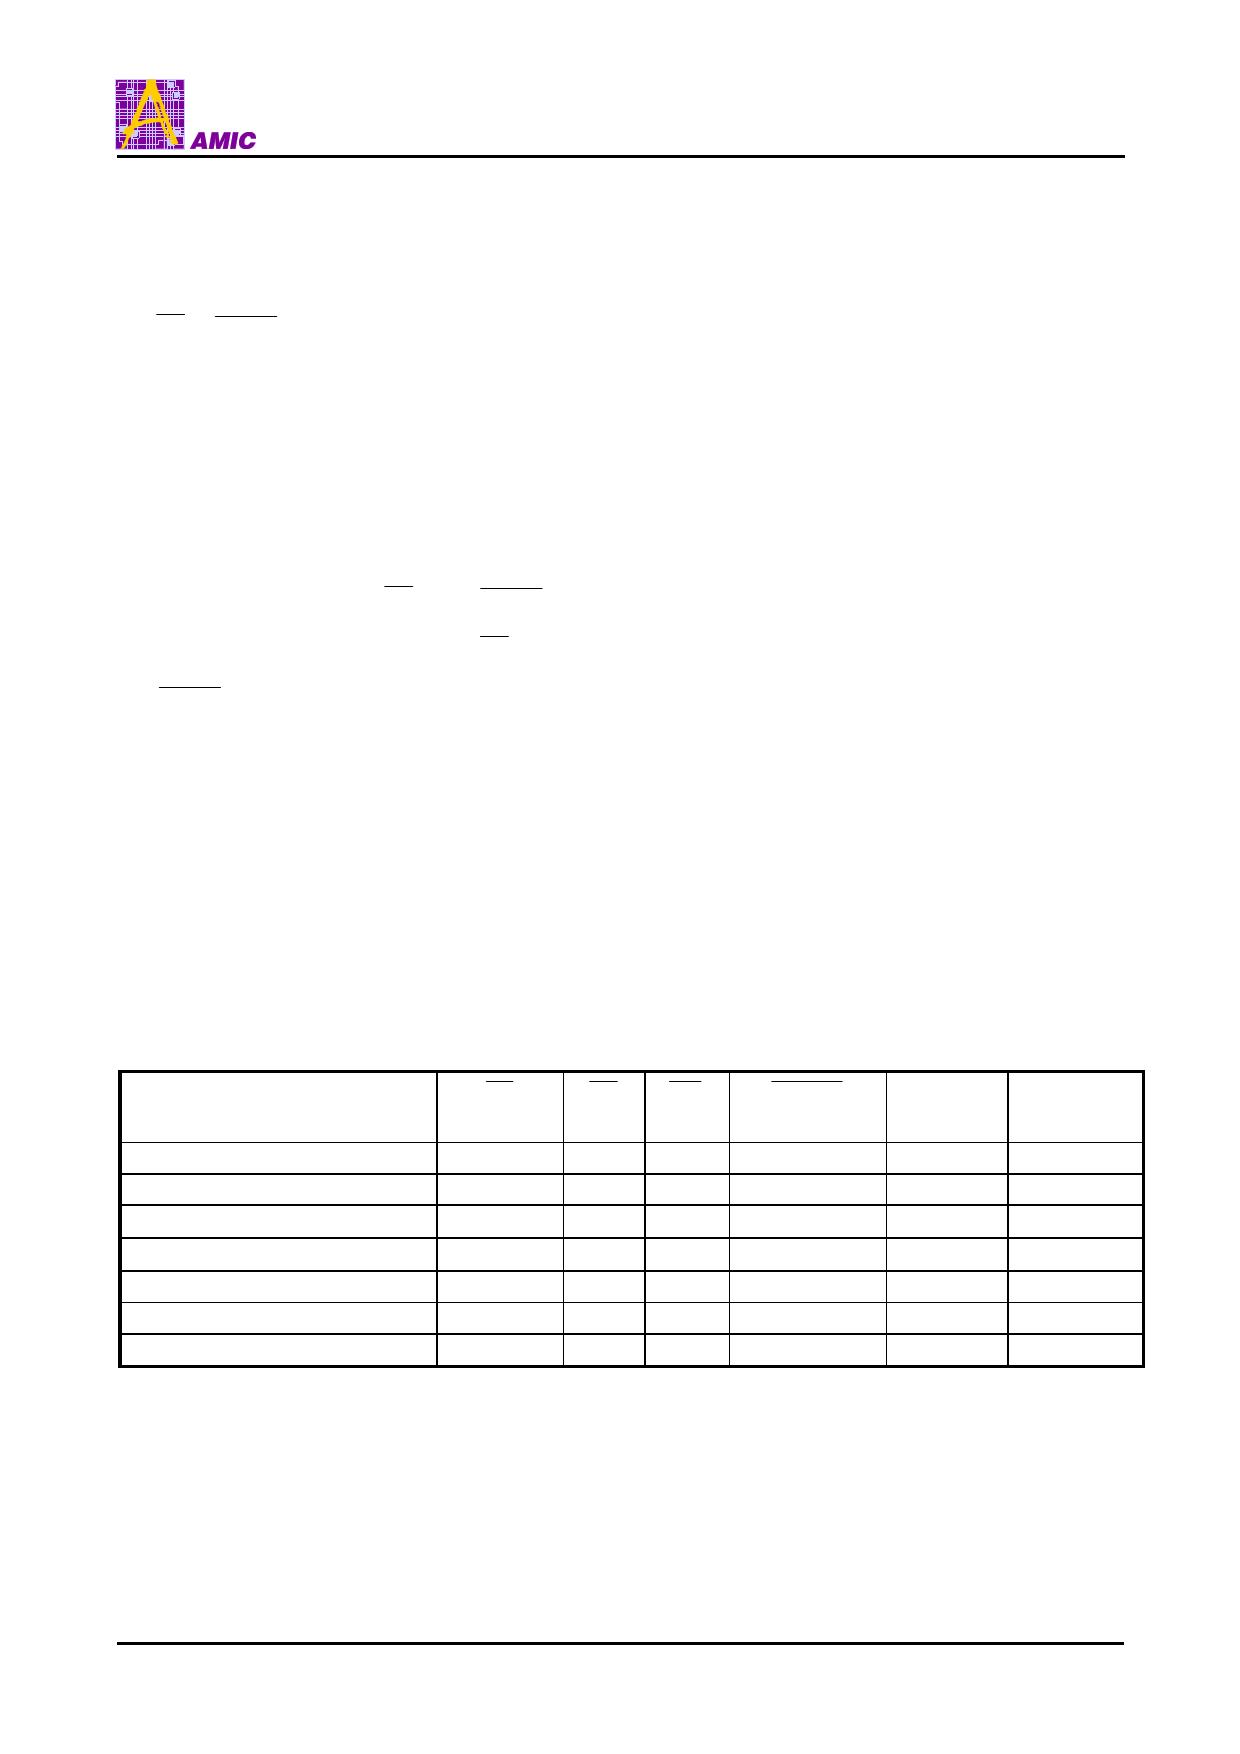 A290011B equivalent